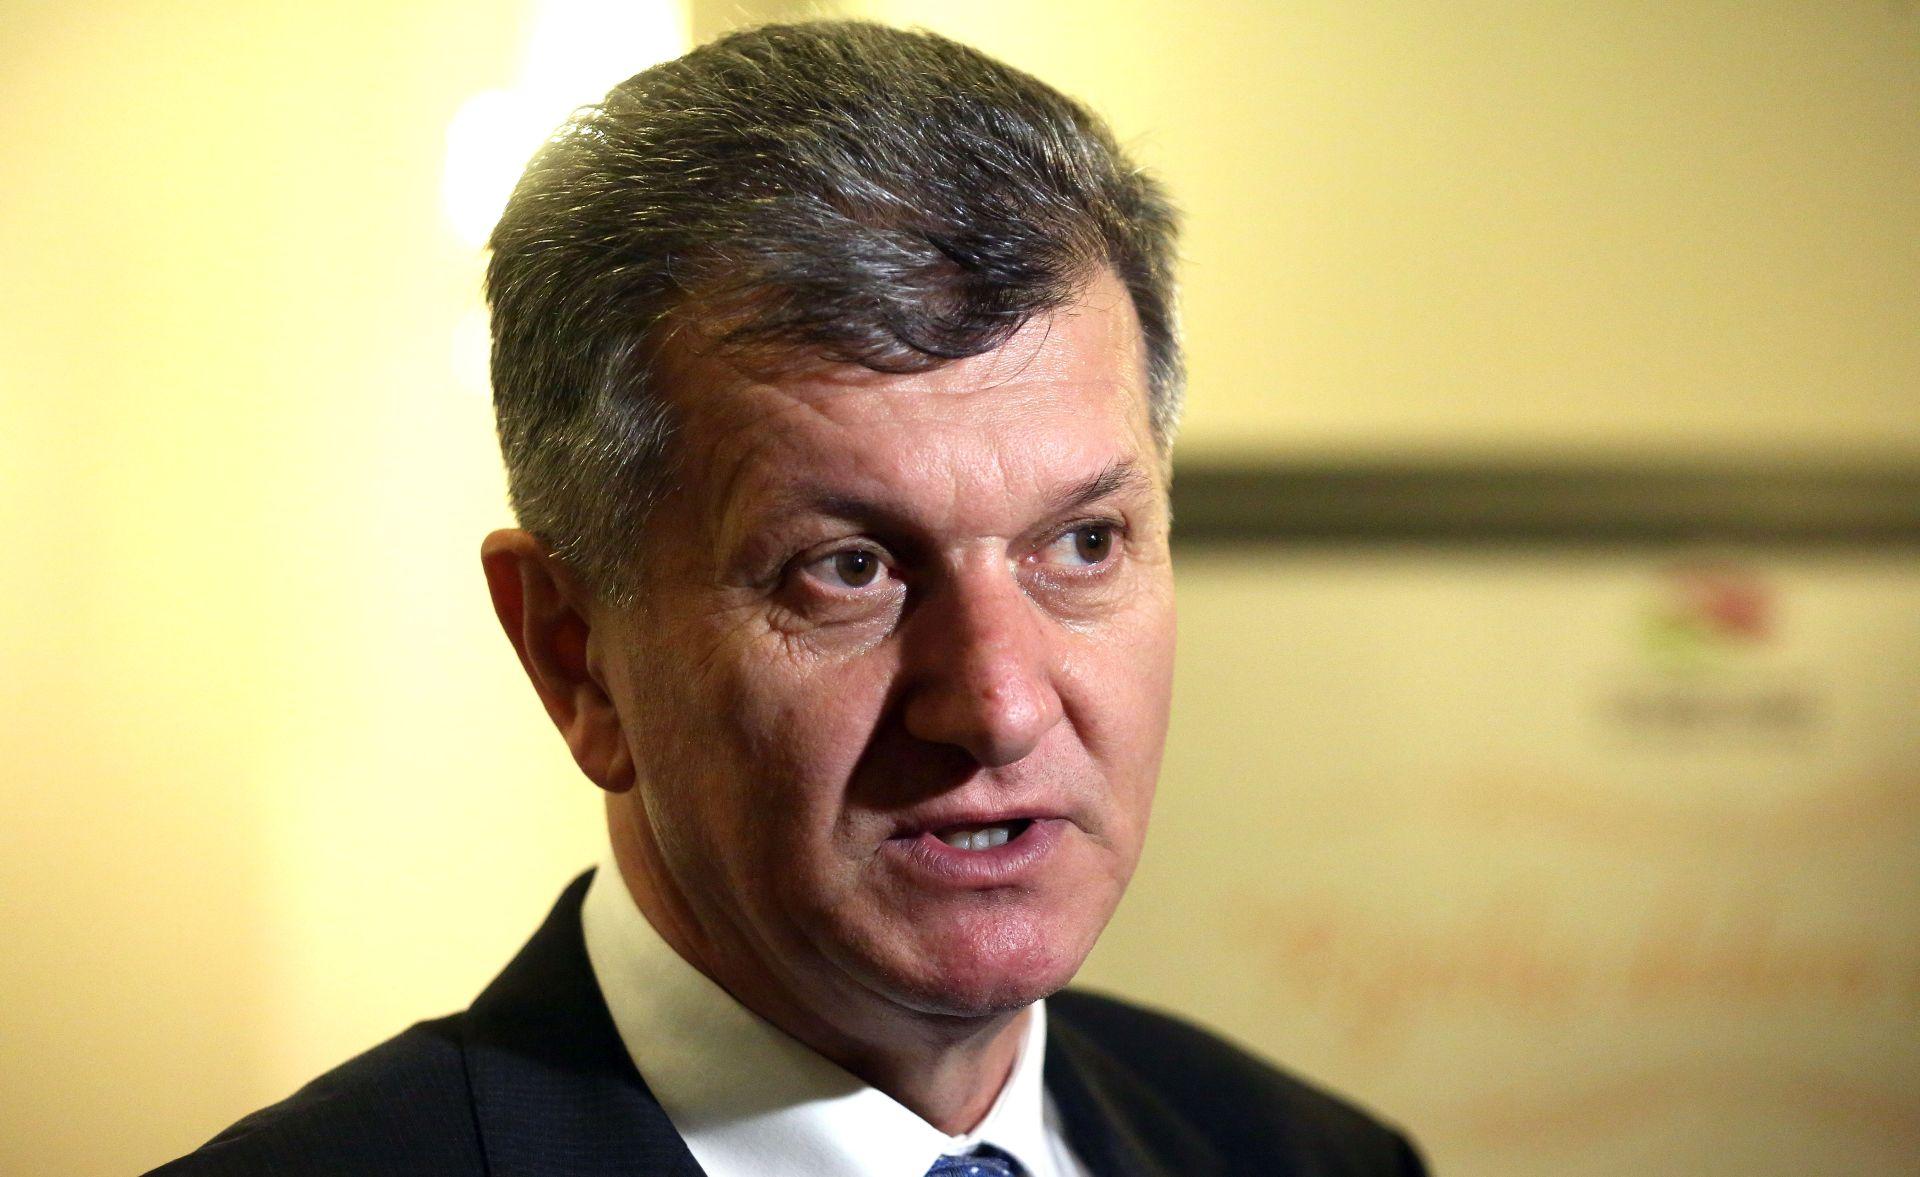 KUJUNDŽIĆ 'U Vladi postignut dogovor oko isplate dijela duga veledrogerijama'